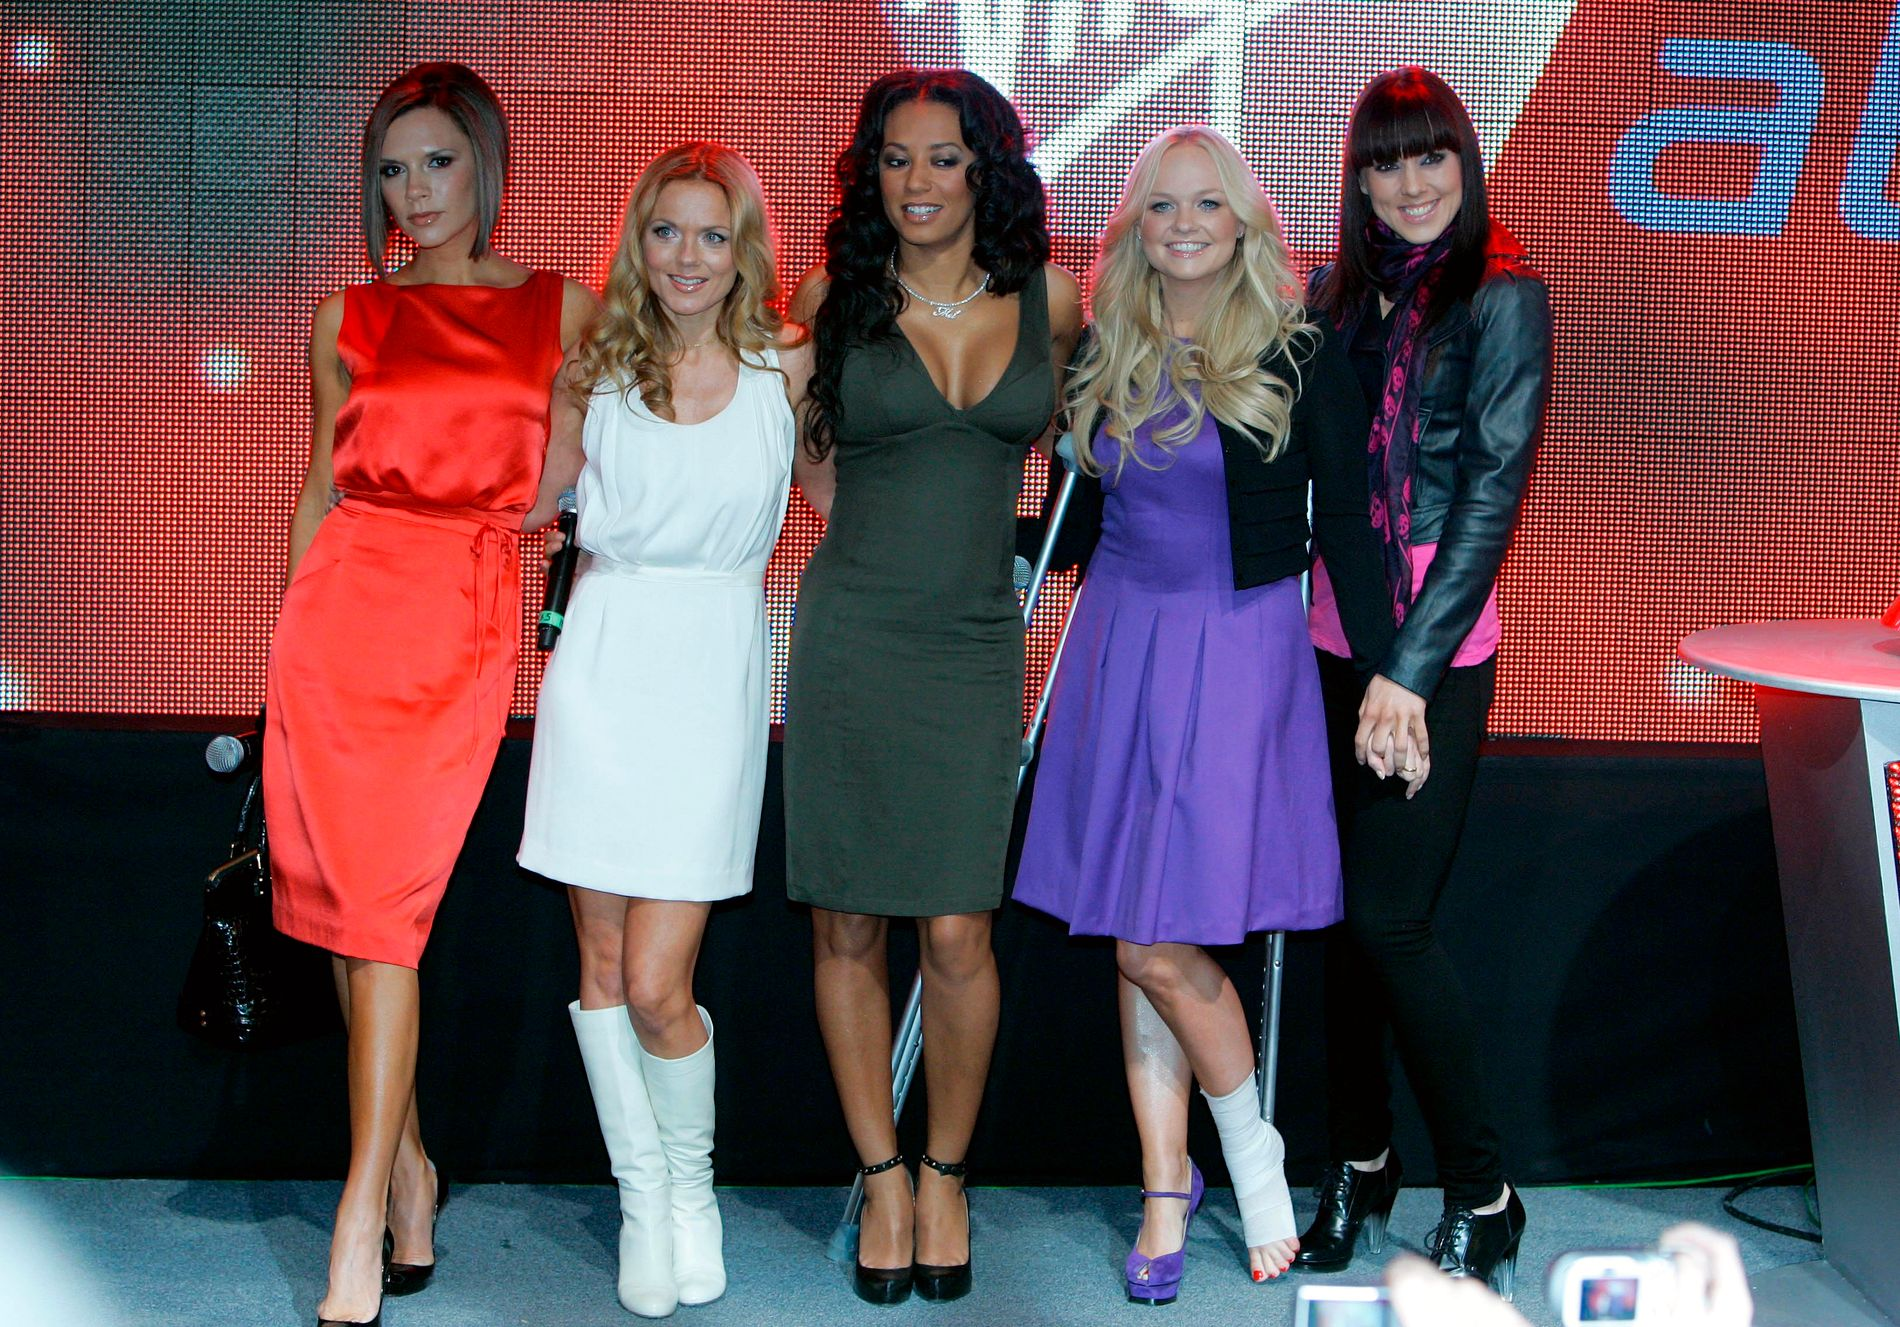 POPICONS: Spice Girls in 2007, left Victoria Beckham, Geri Horner, Melanie Brown, Emma Bunton and Melanie Chisholm.